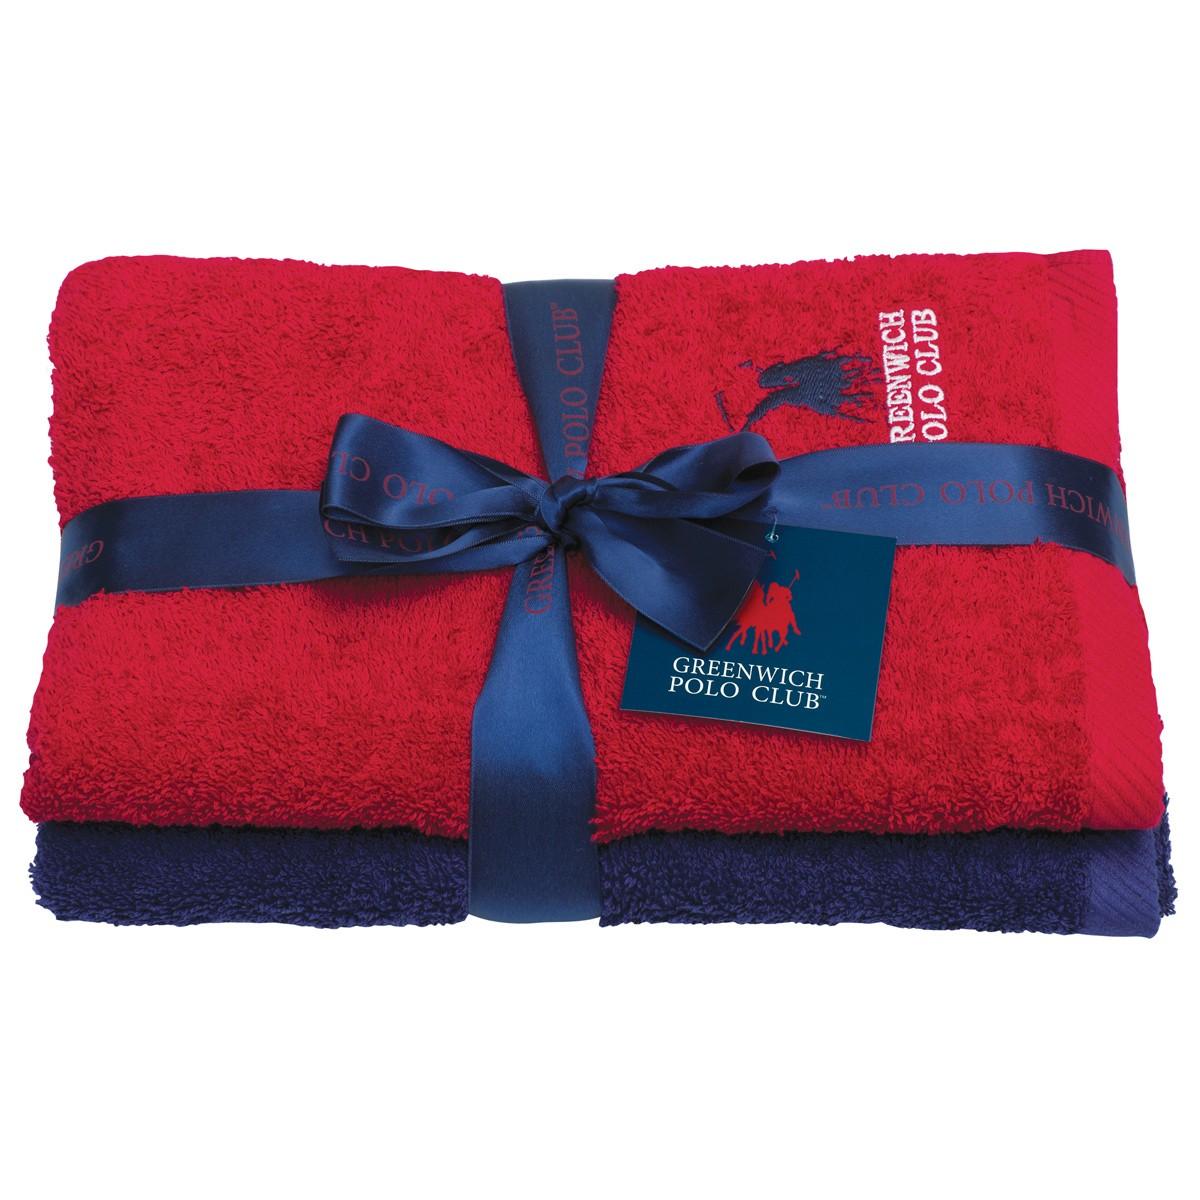 Πετσέτες Προσώπου (Σετ 2τμχ) Polo Club Essential 2508